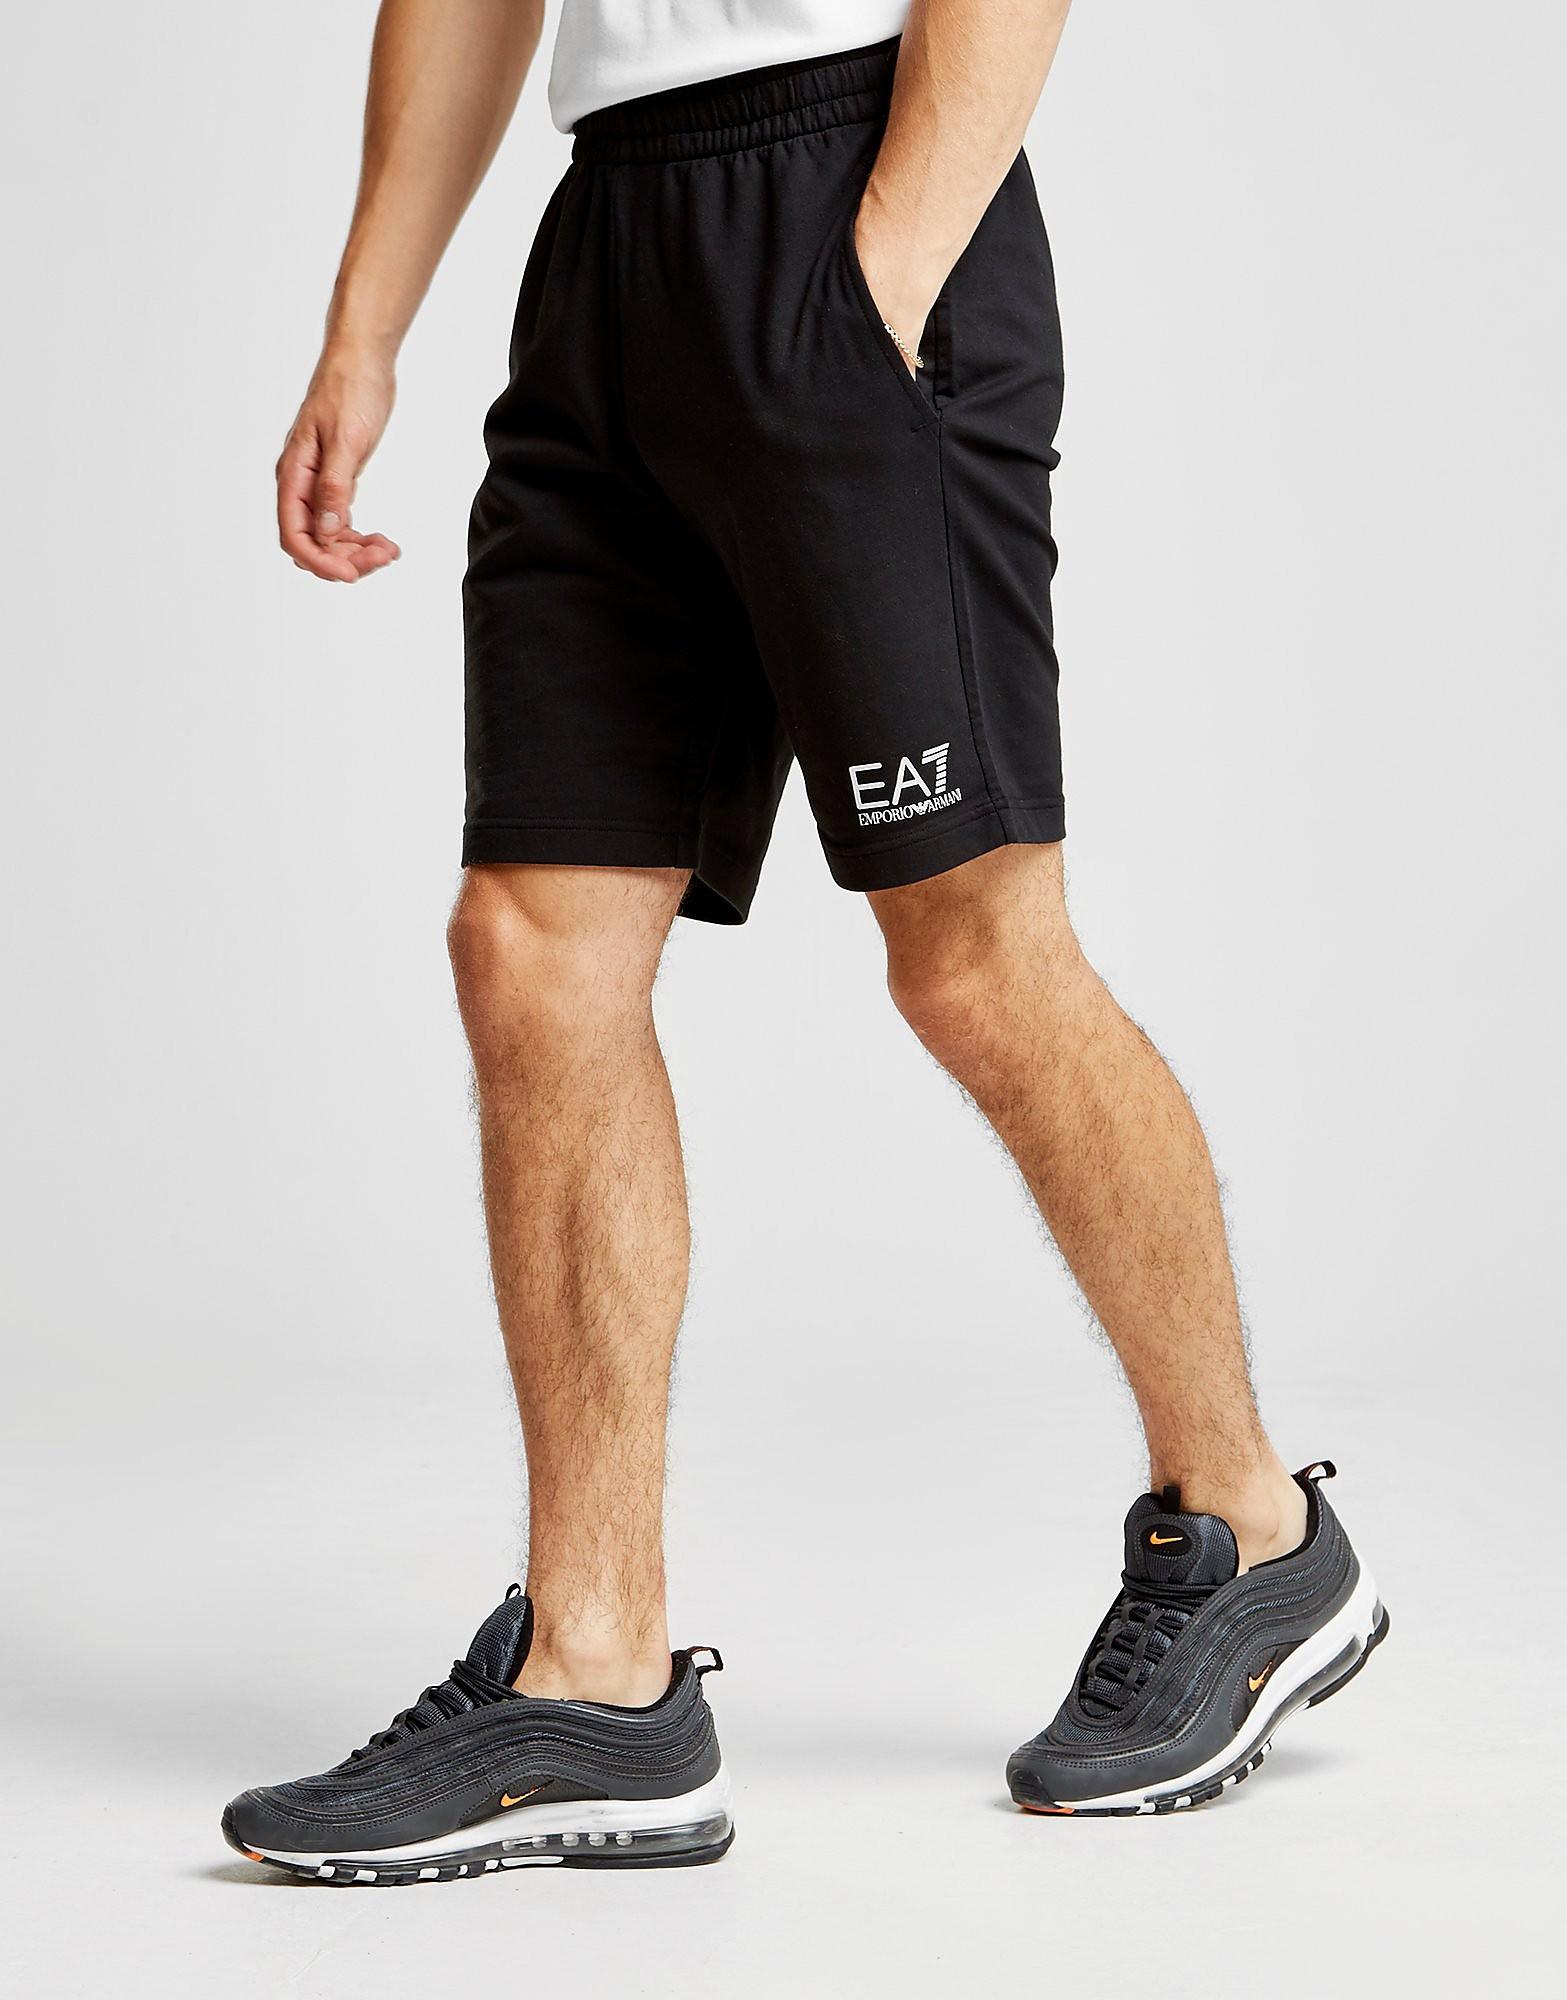 Emporio Armani EA7 Core Shorts